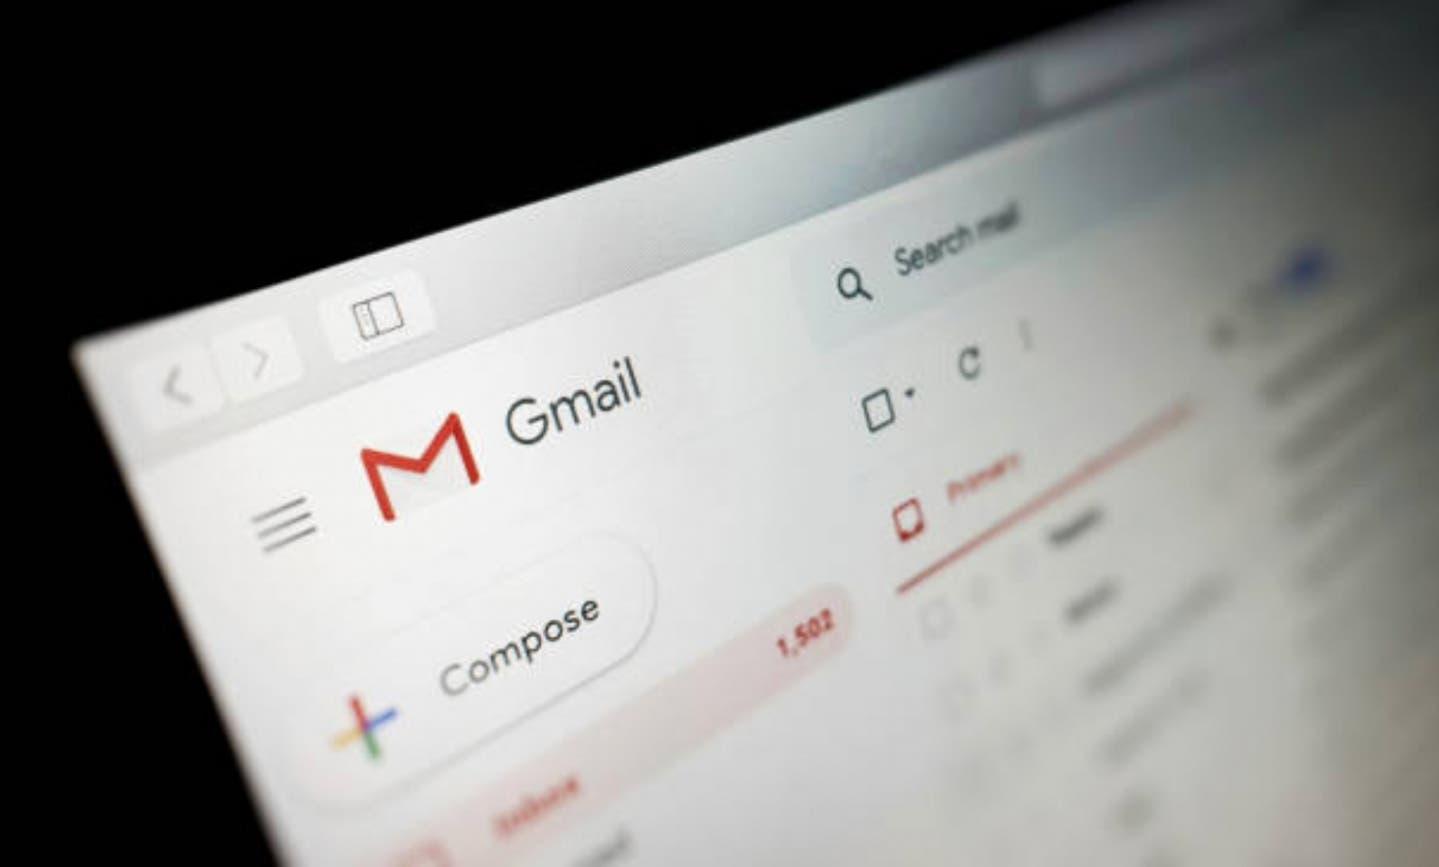 Cómo aumentar el limite de tiempo de Gmail para anular el envío de un correo electrónico